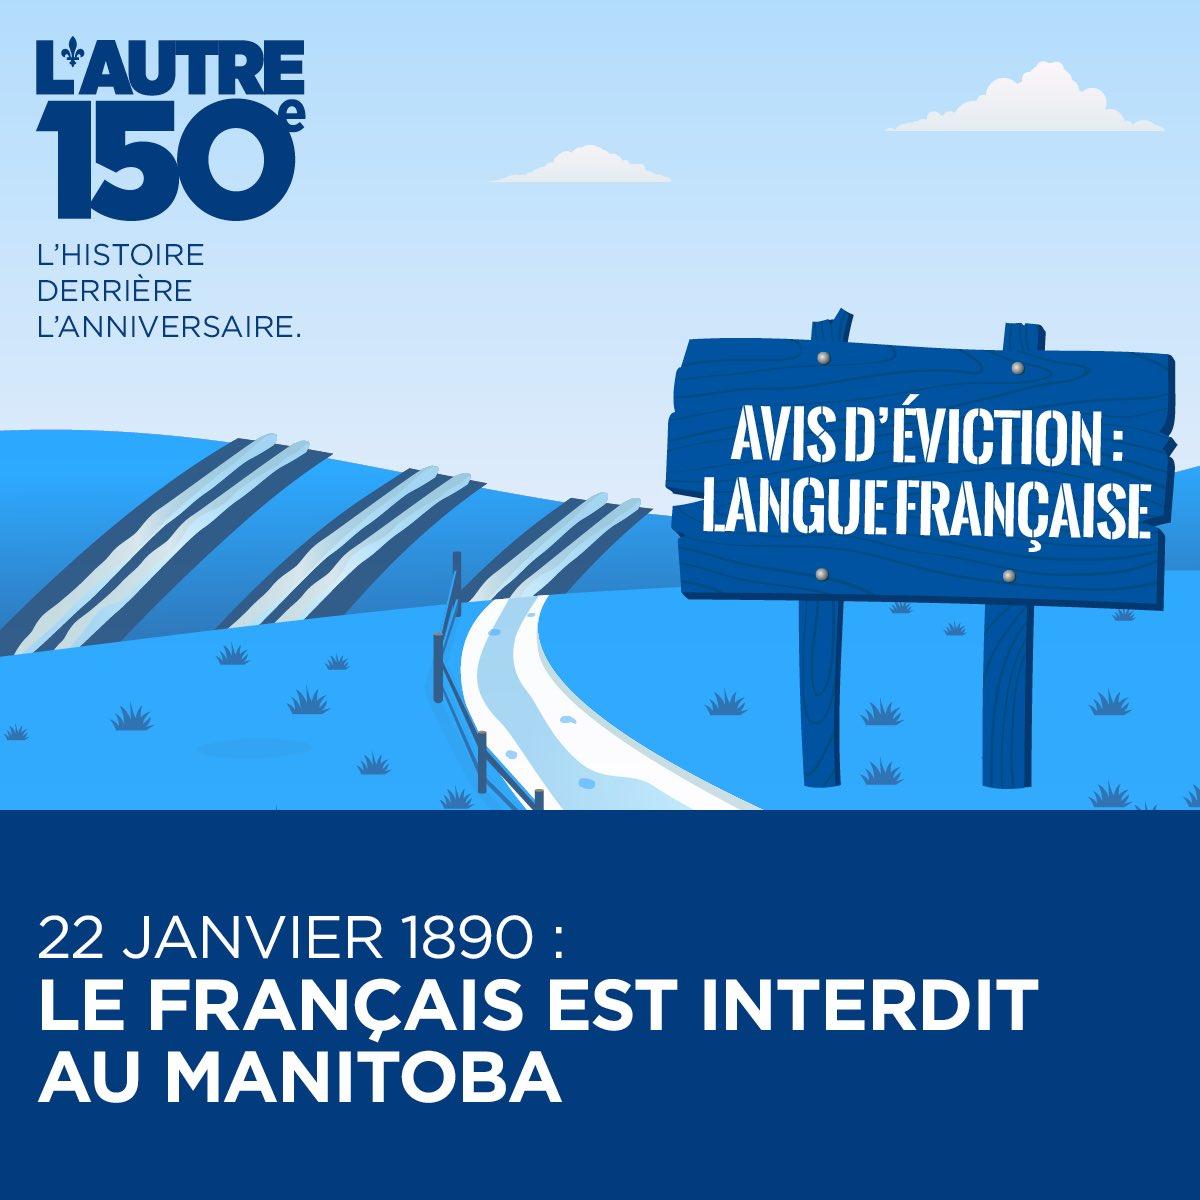 22 janvier 1890 : le français interdit au Manitoba  https://www. facebook.com/autre150e/post s/1258555357544906:0 &nbsp; …  #Canada150  #Autre150e #PolQc<br>http://pic.twitter.com/P3iKqLmKAt